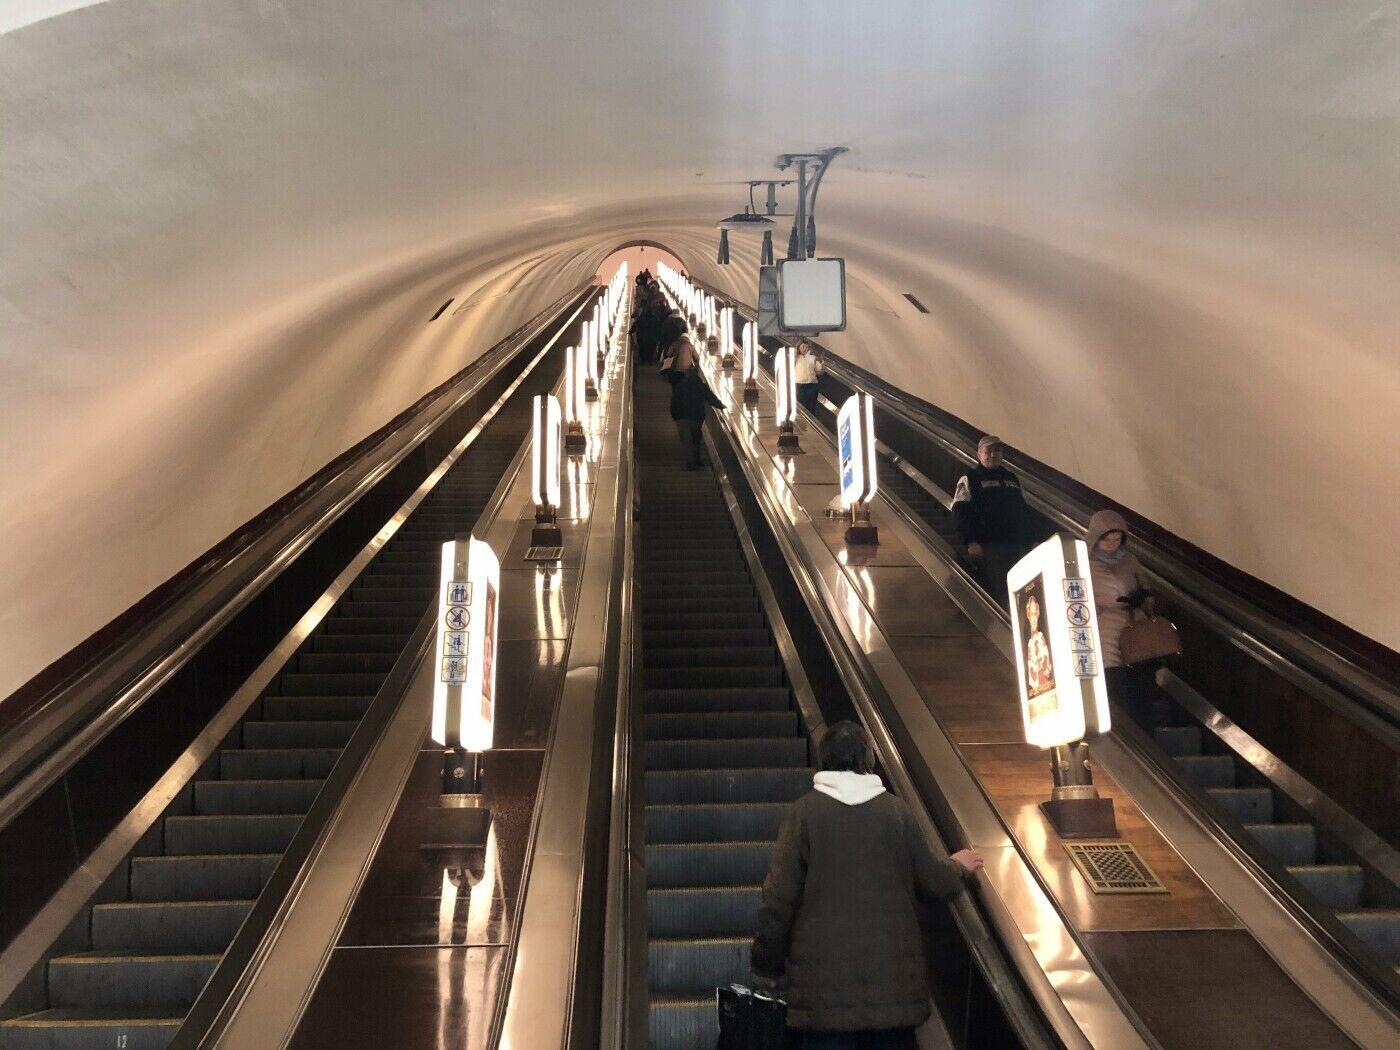 На станции установлены самые длинные эскалаторы в Европе